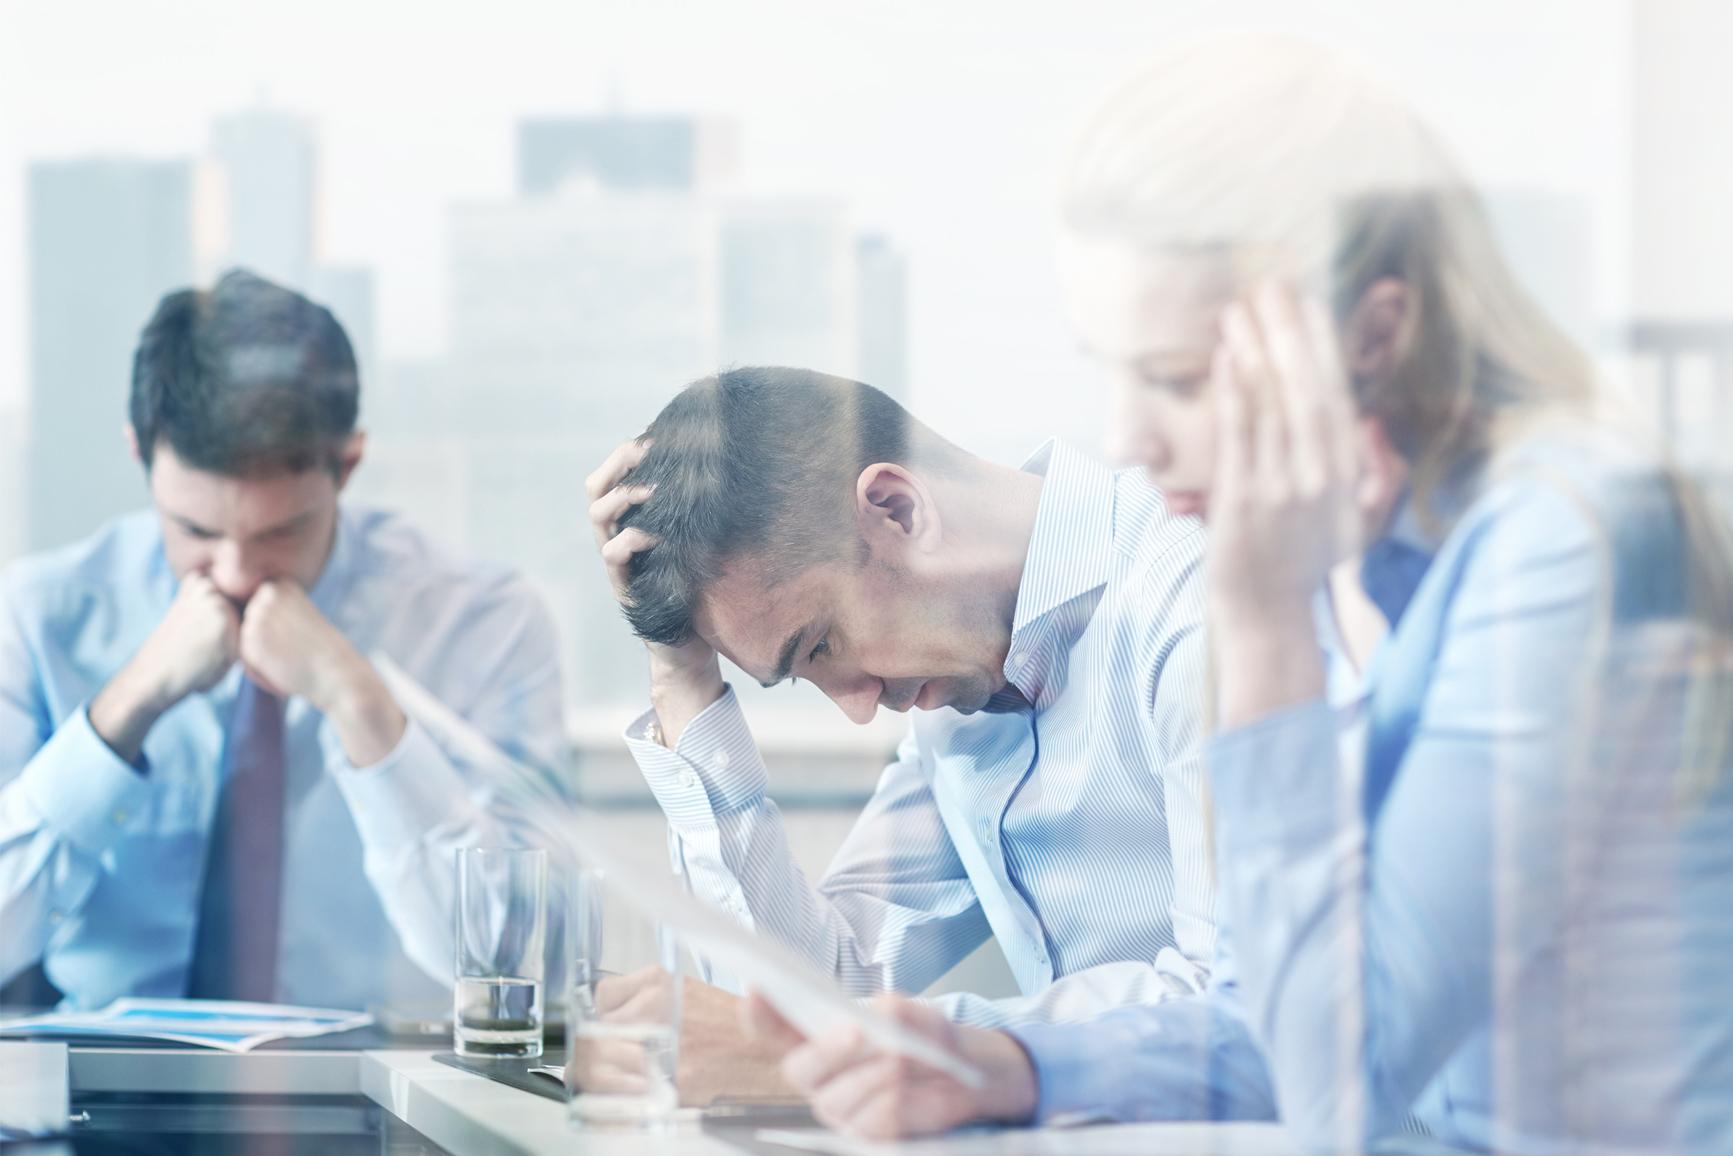 Profesionales preocupados por la ciberseguridad